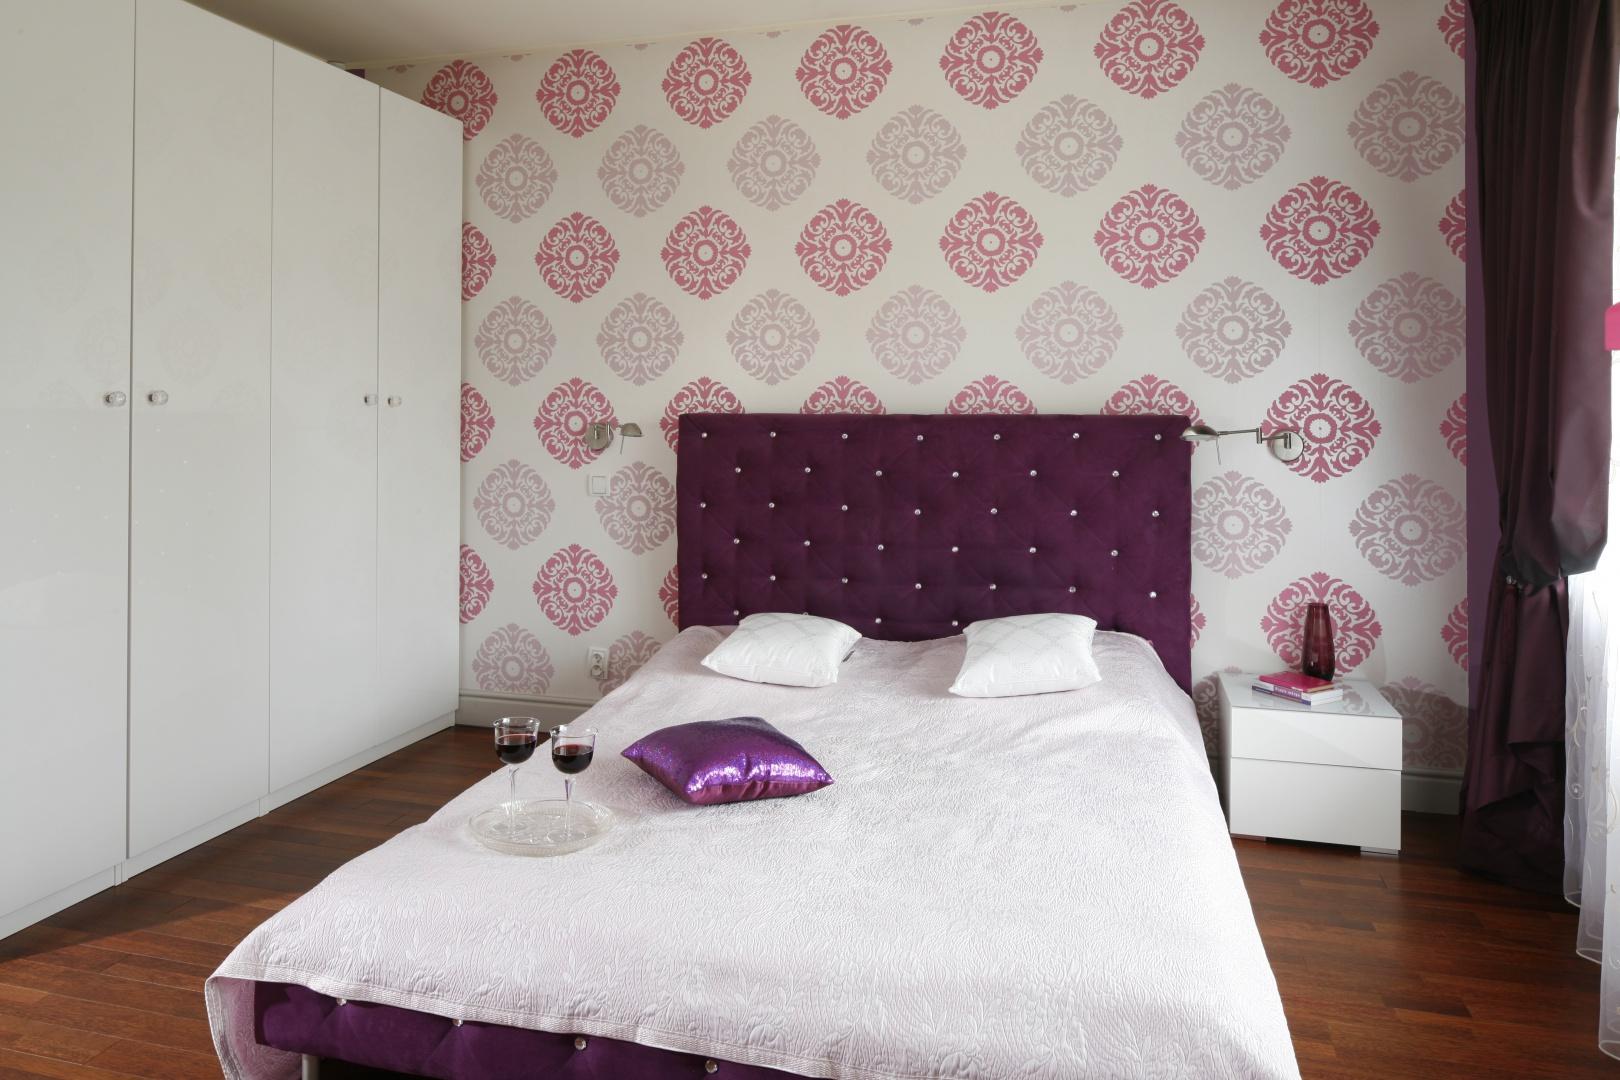 Tapicerowane łóżko oraz dekoracyjna tapeta wskazują, że jest to sypialnia eleganckiej gospodyni. W związku z tym nie mogło przy niej zabraknąć eleganckiej łazienki. Projekt: Beata Ignasiak-Wasik. Fot. Bartosz Jarosz.